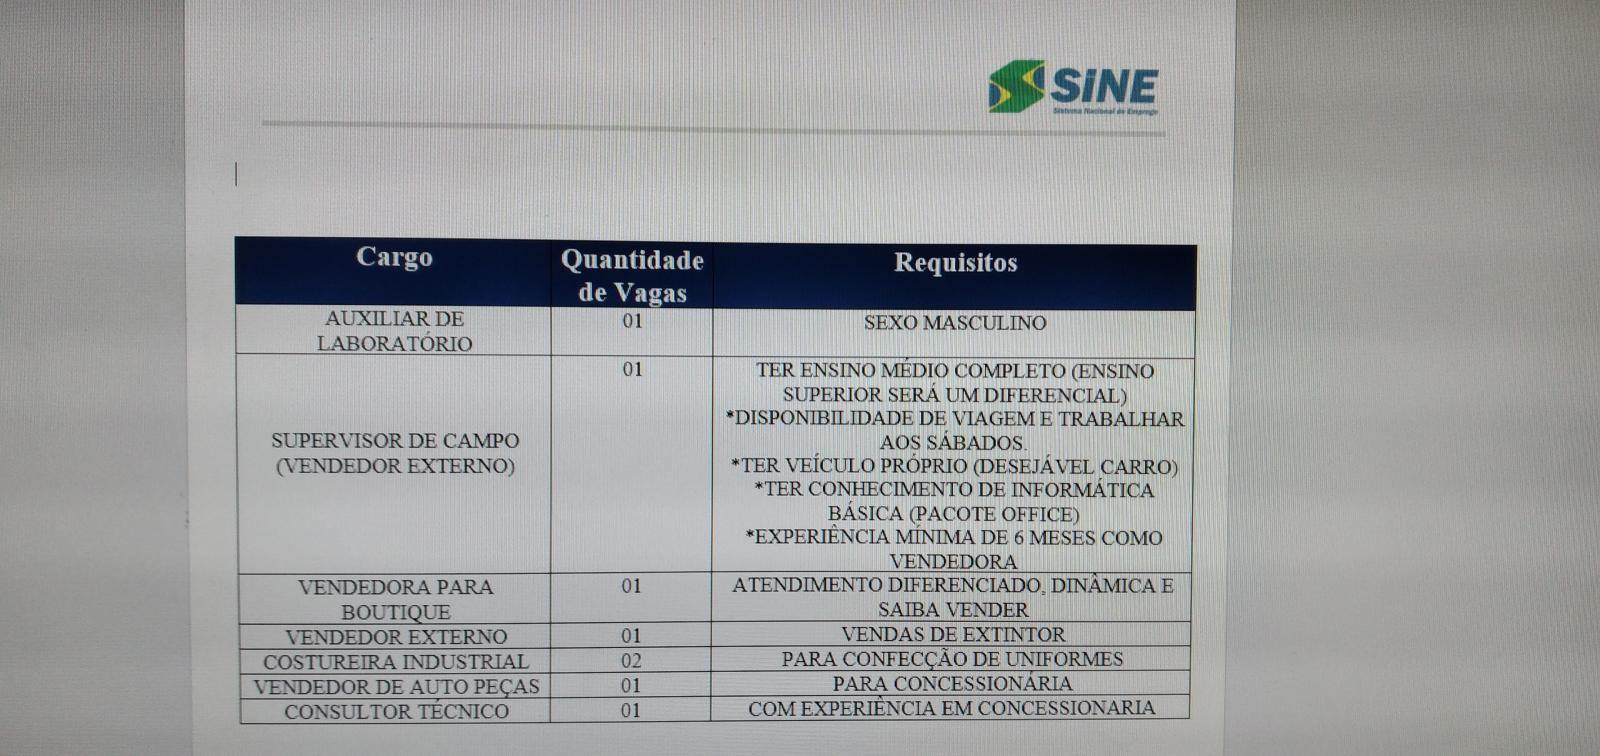 Sine Rolim de Moura informa: há vagas